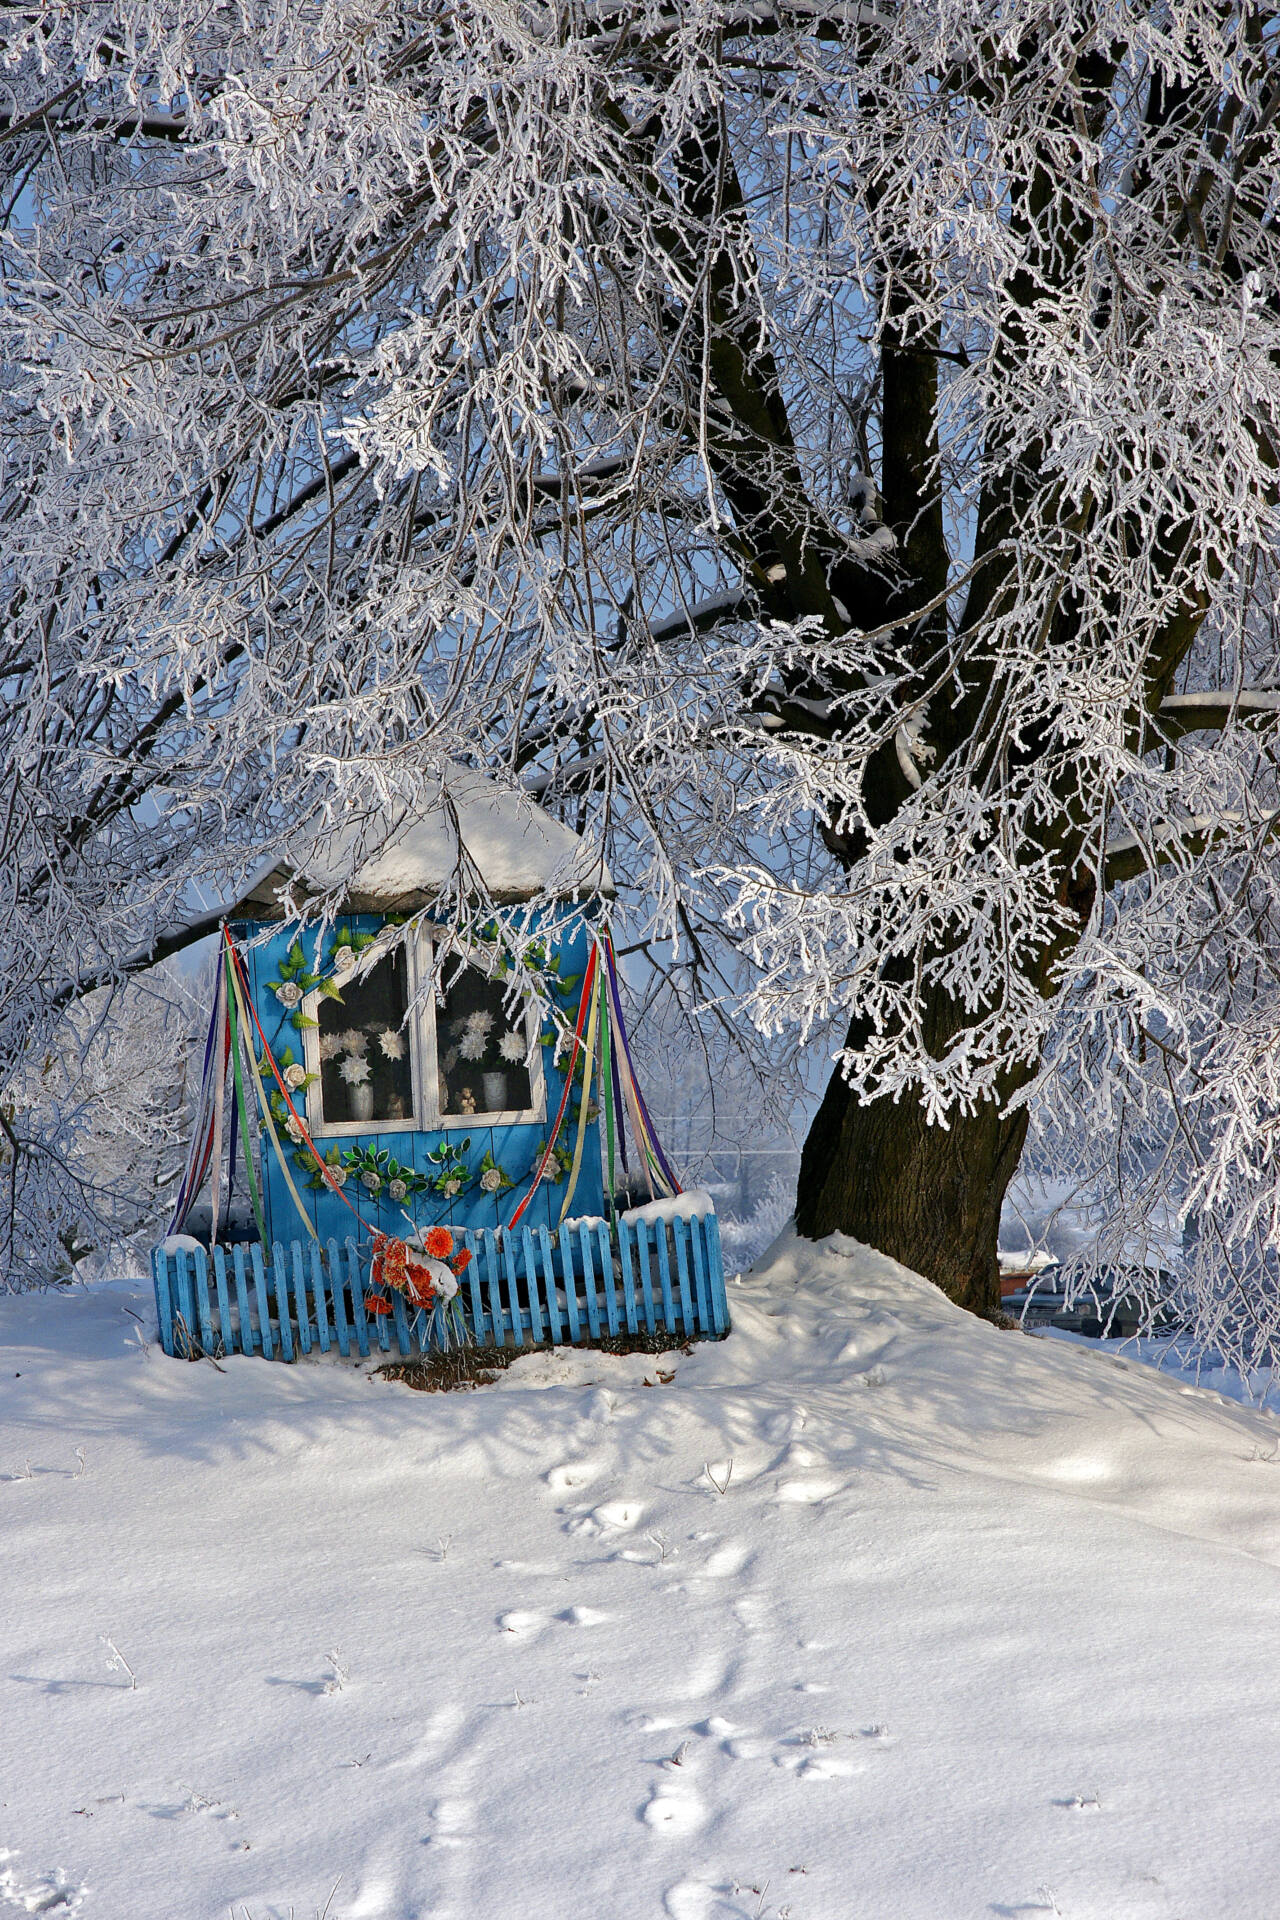 dsc03115 Trwa zimowy foto-konkurs. GOK Gminy Zamość zaprasza do zabawy!